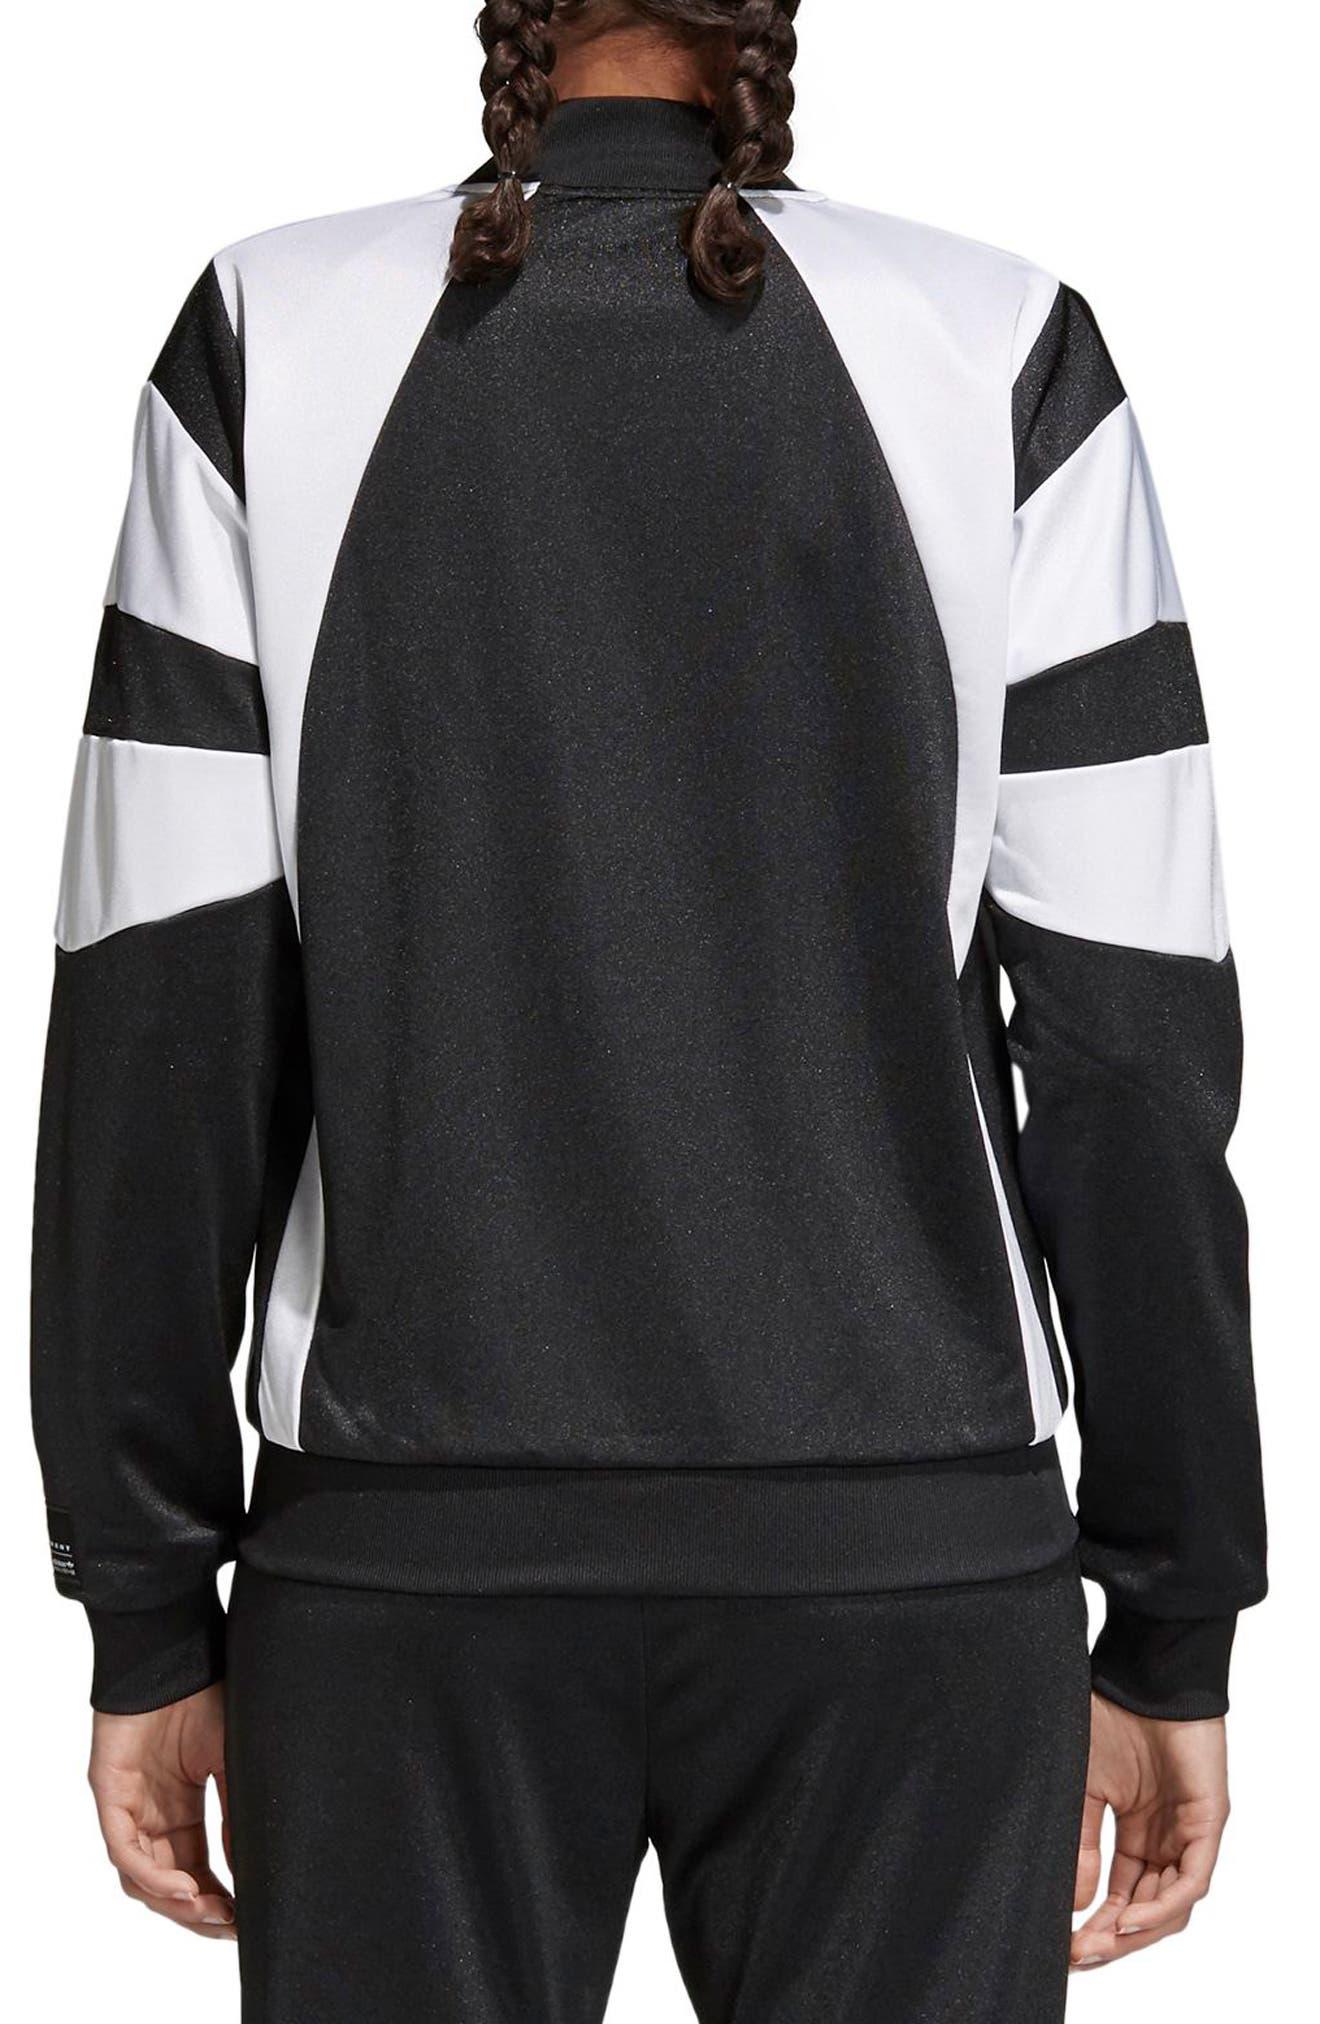 Originals Superstar Track Jacket,                             Alternate thumbnail 2, color,                             Black/ White